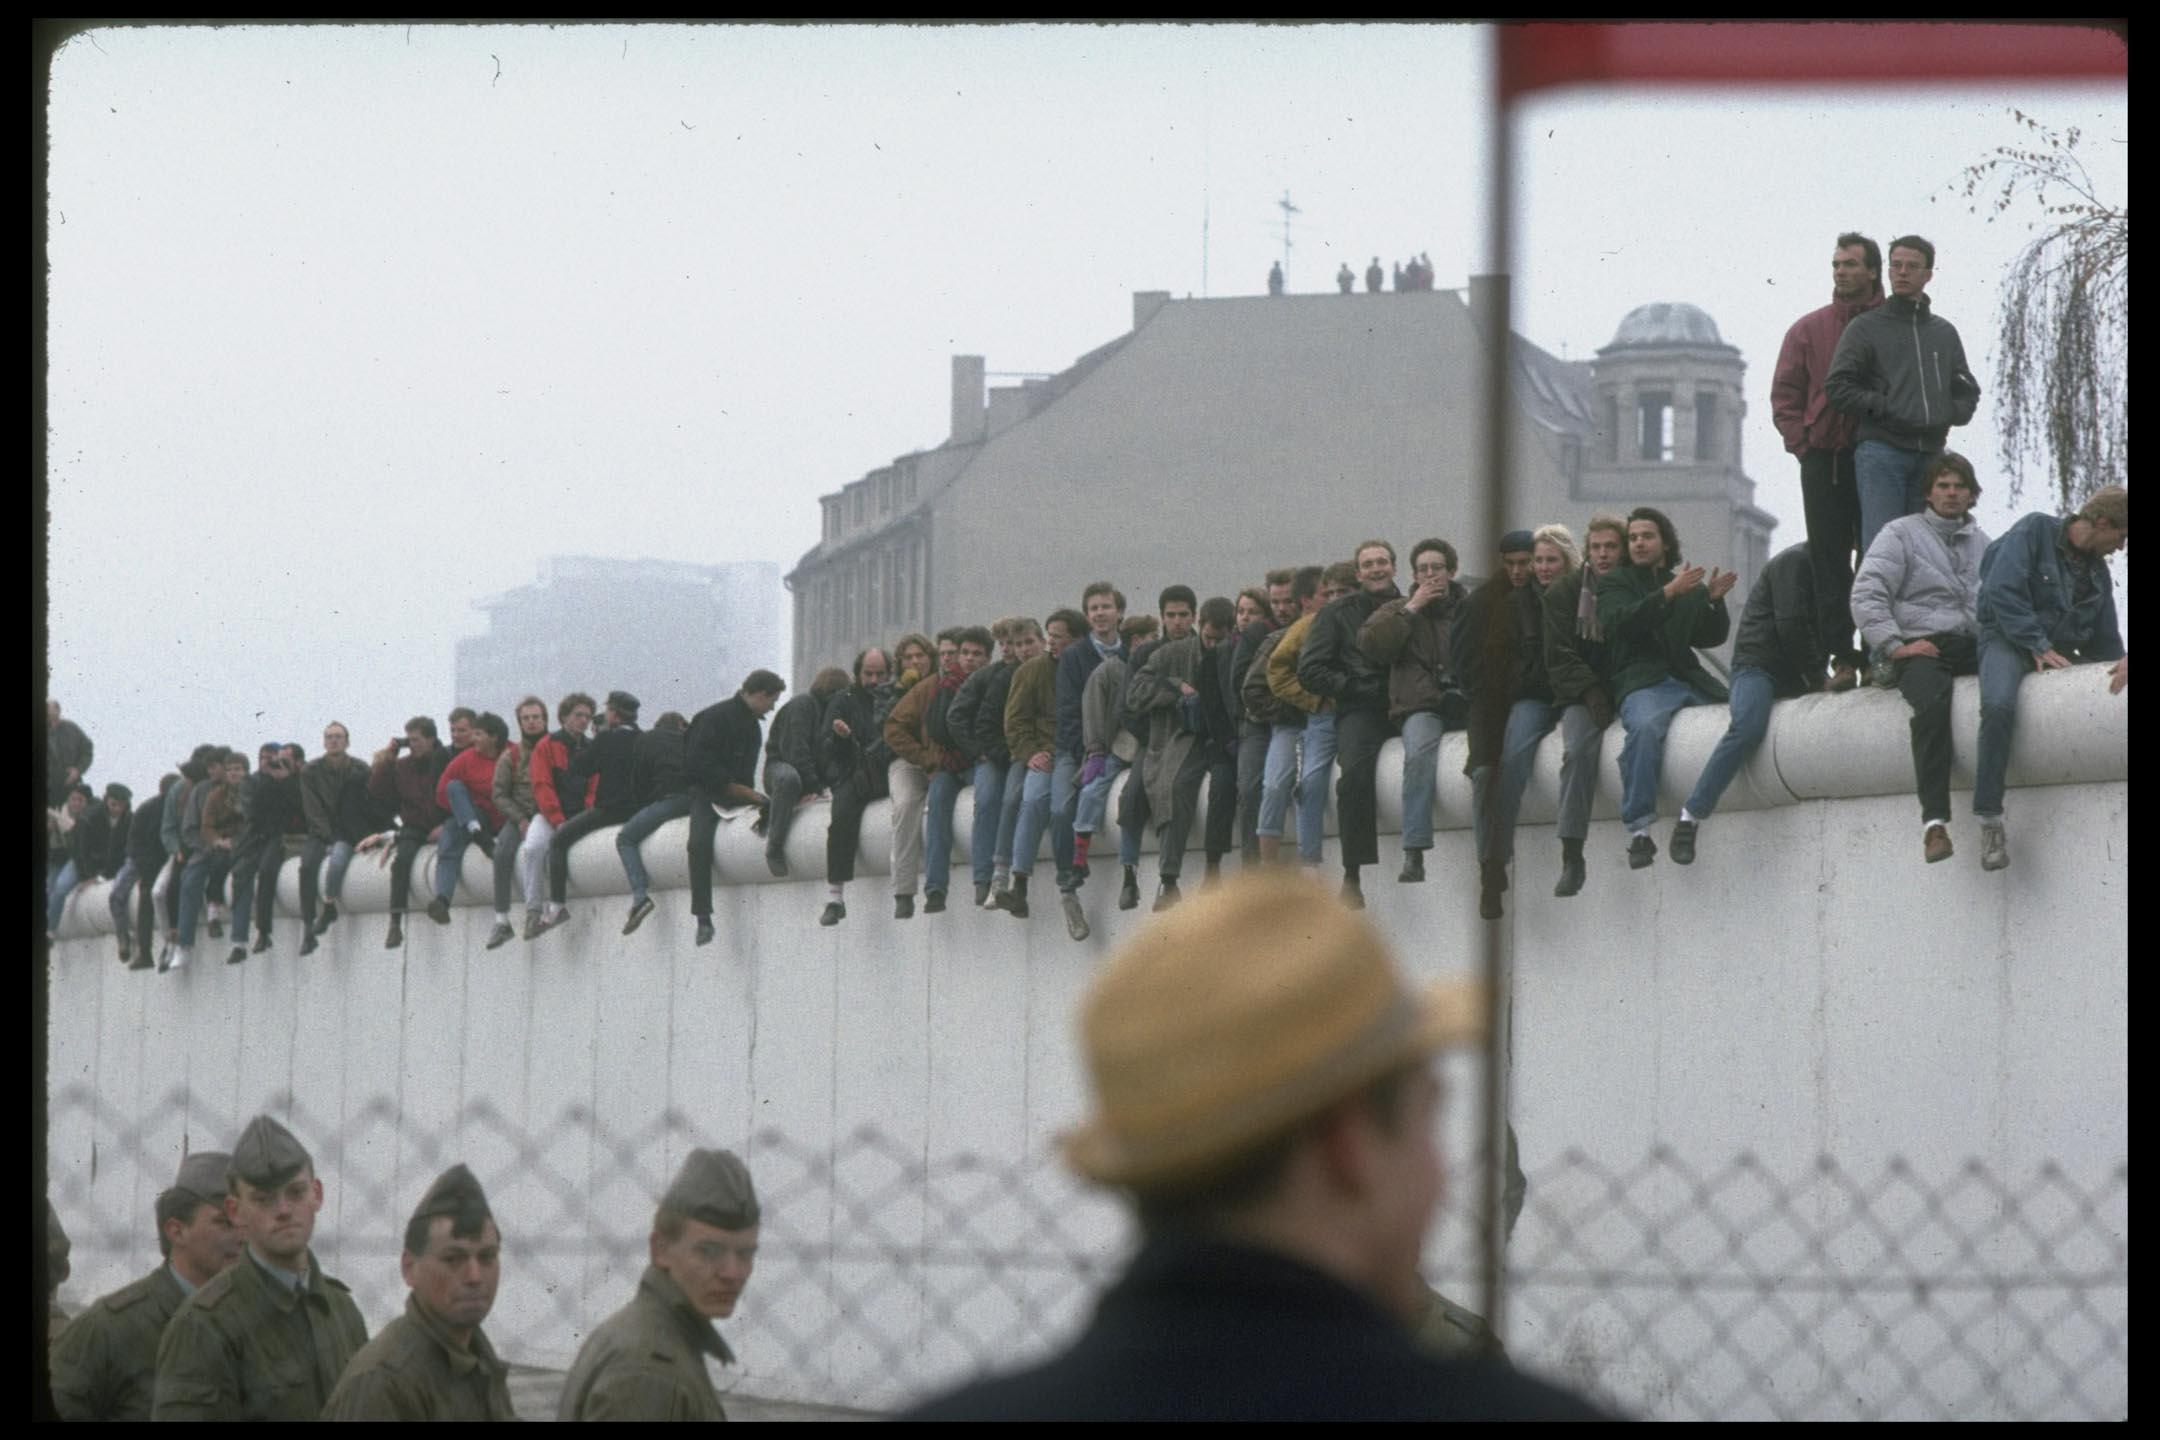 東柏林人坐在柏林圍牆上。